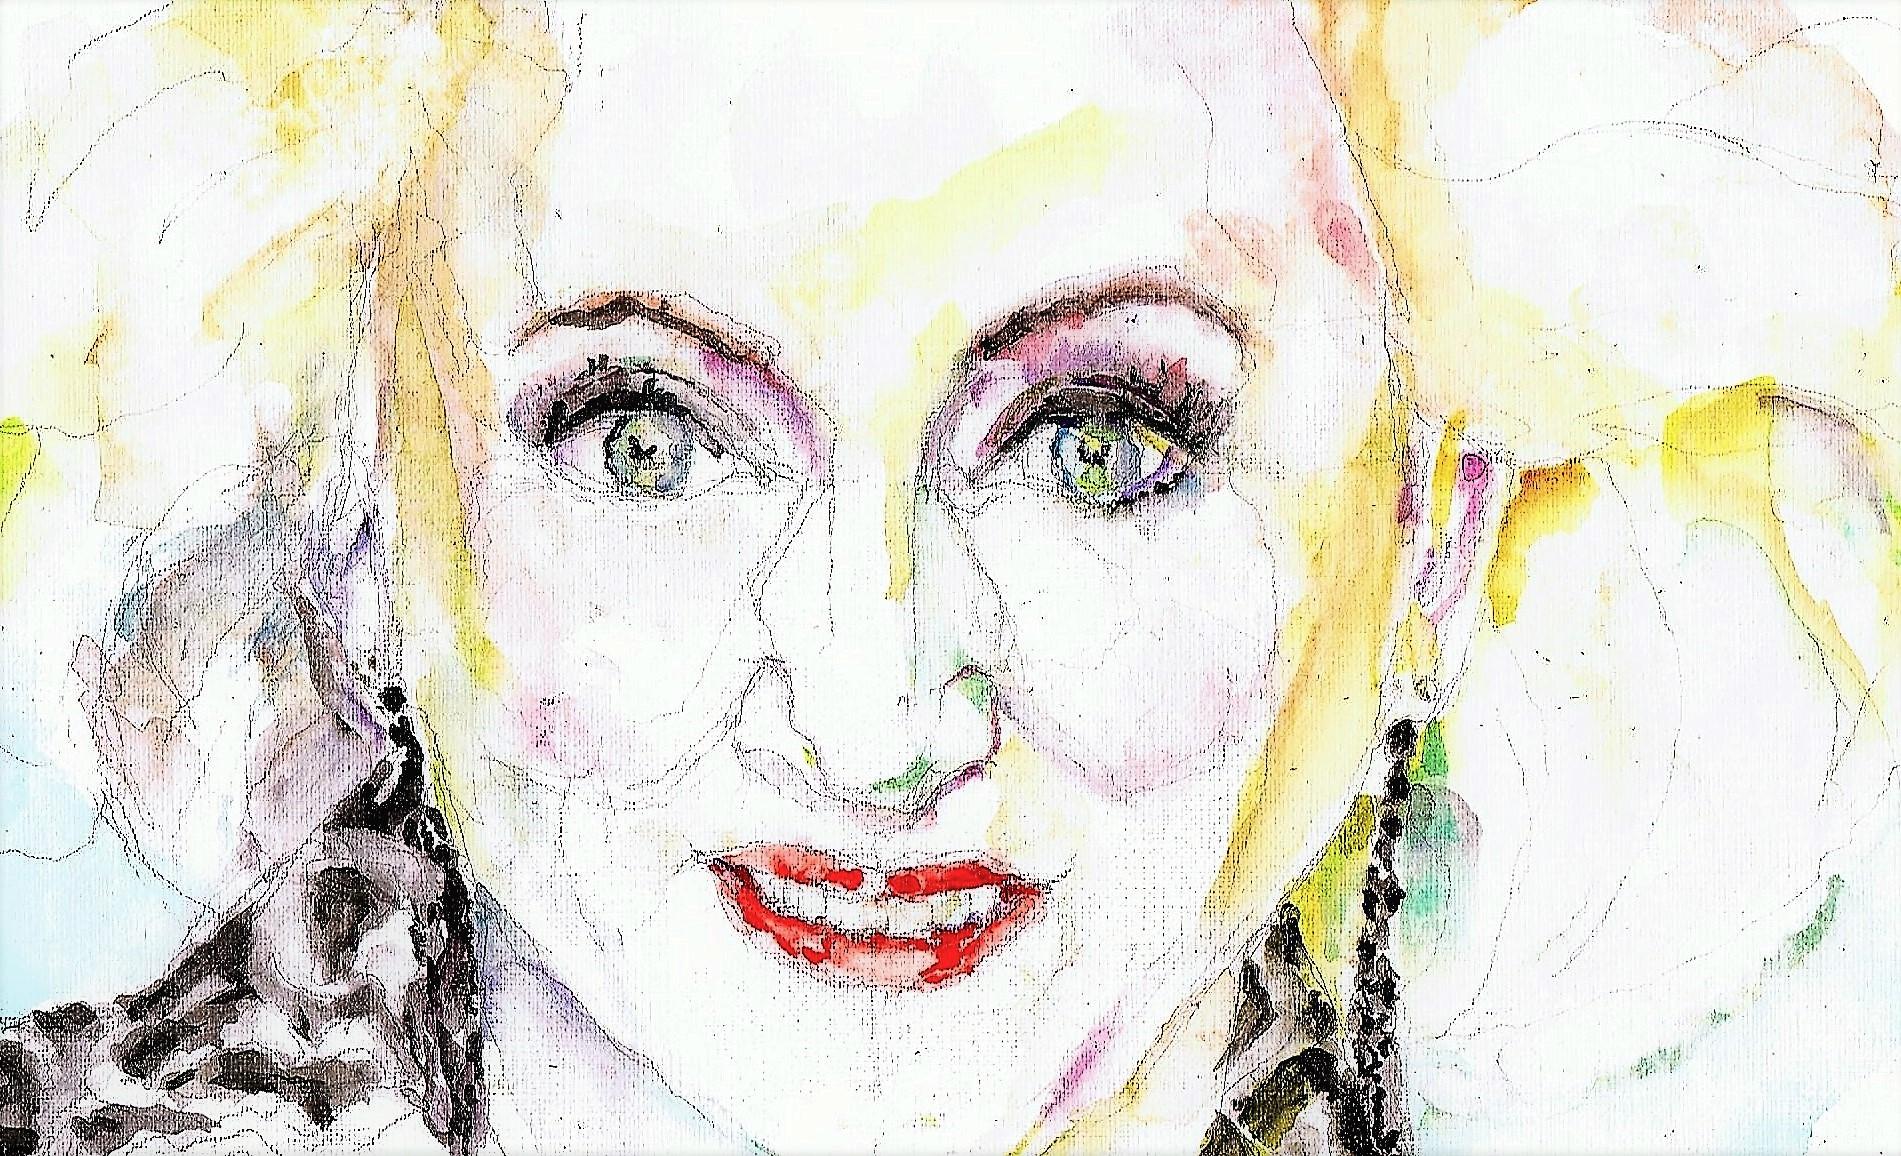 365 dagen een portret 39 Karin Bloemen, cabaretière Aquarel 19c25